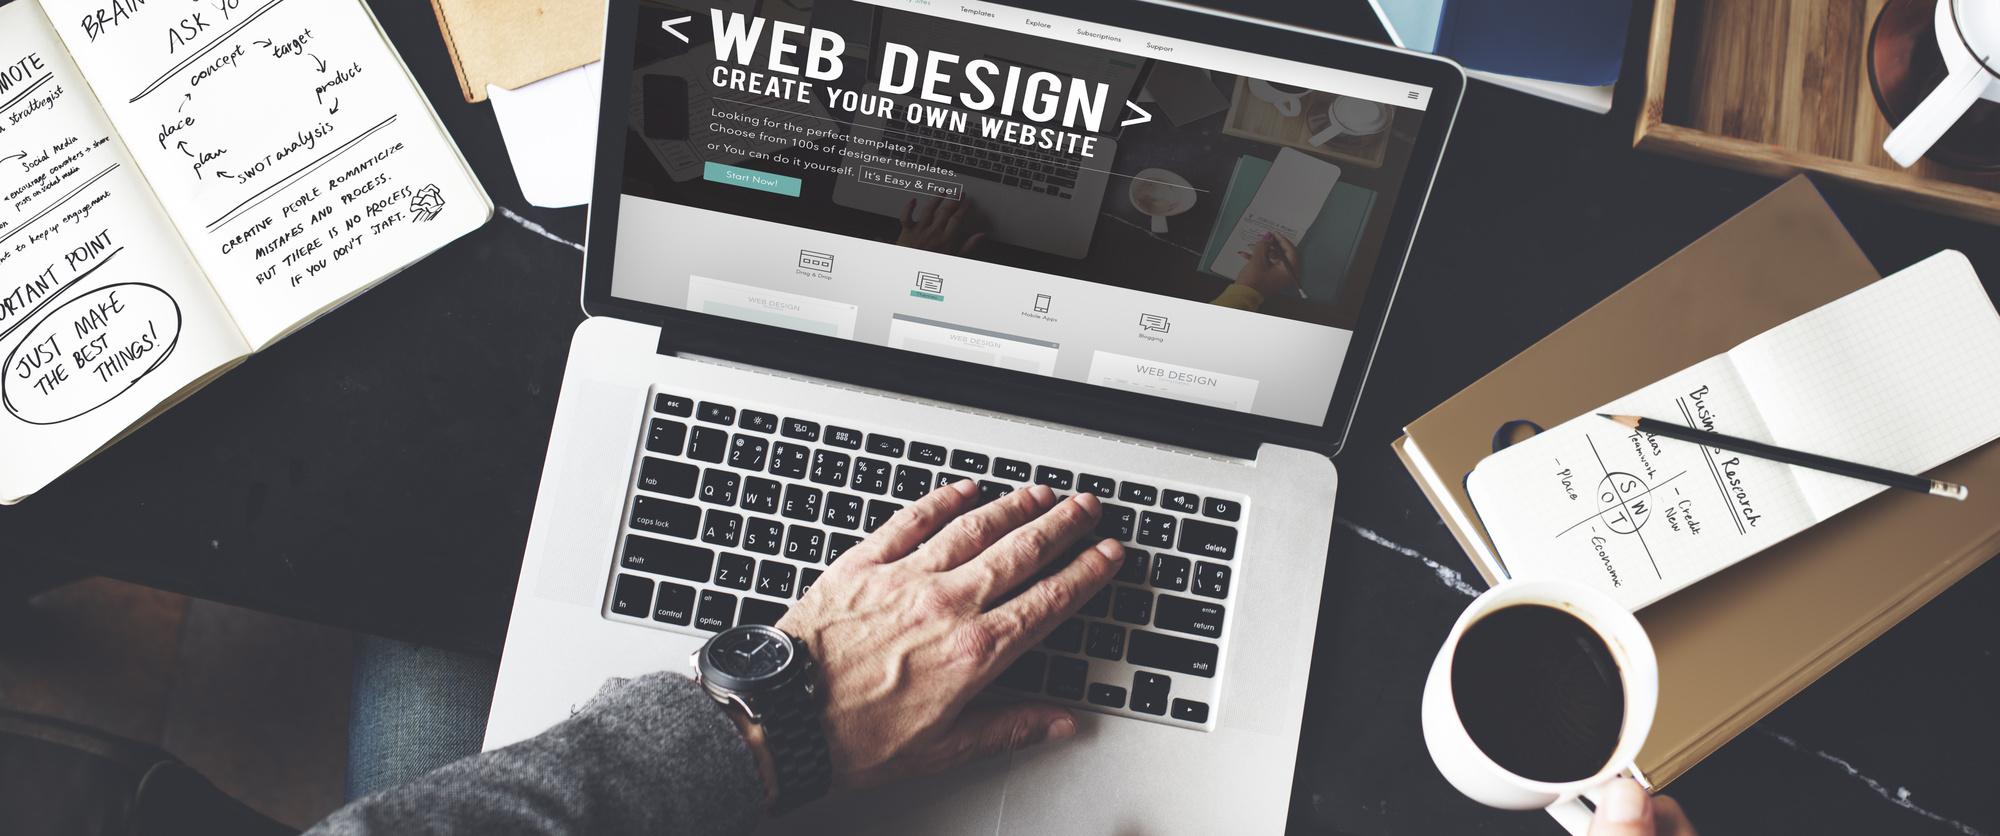 Bad Website Design